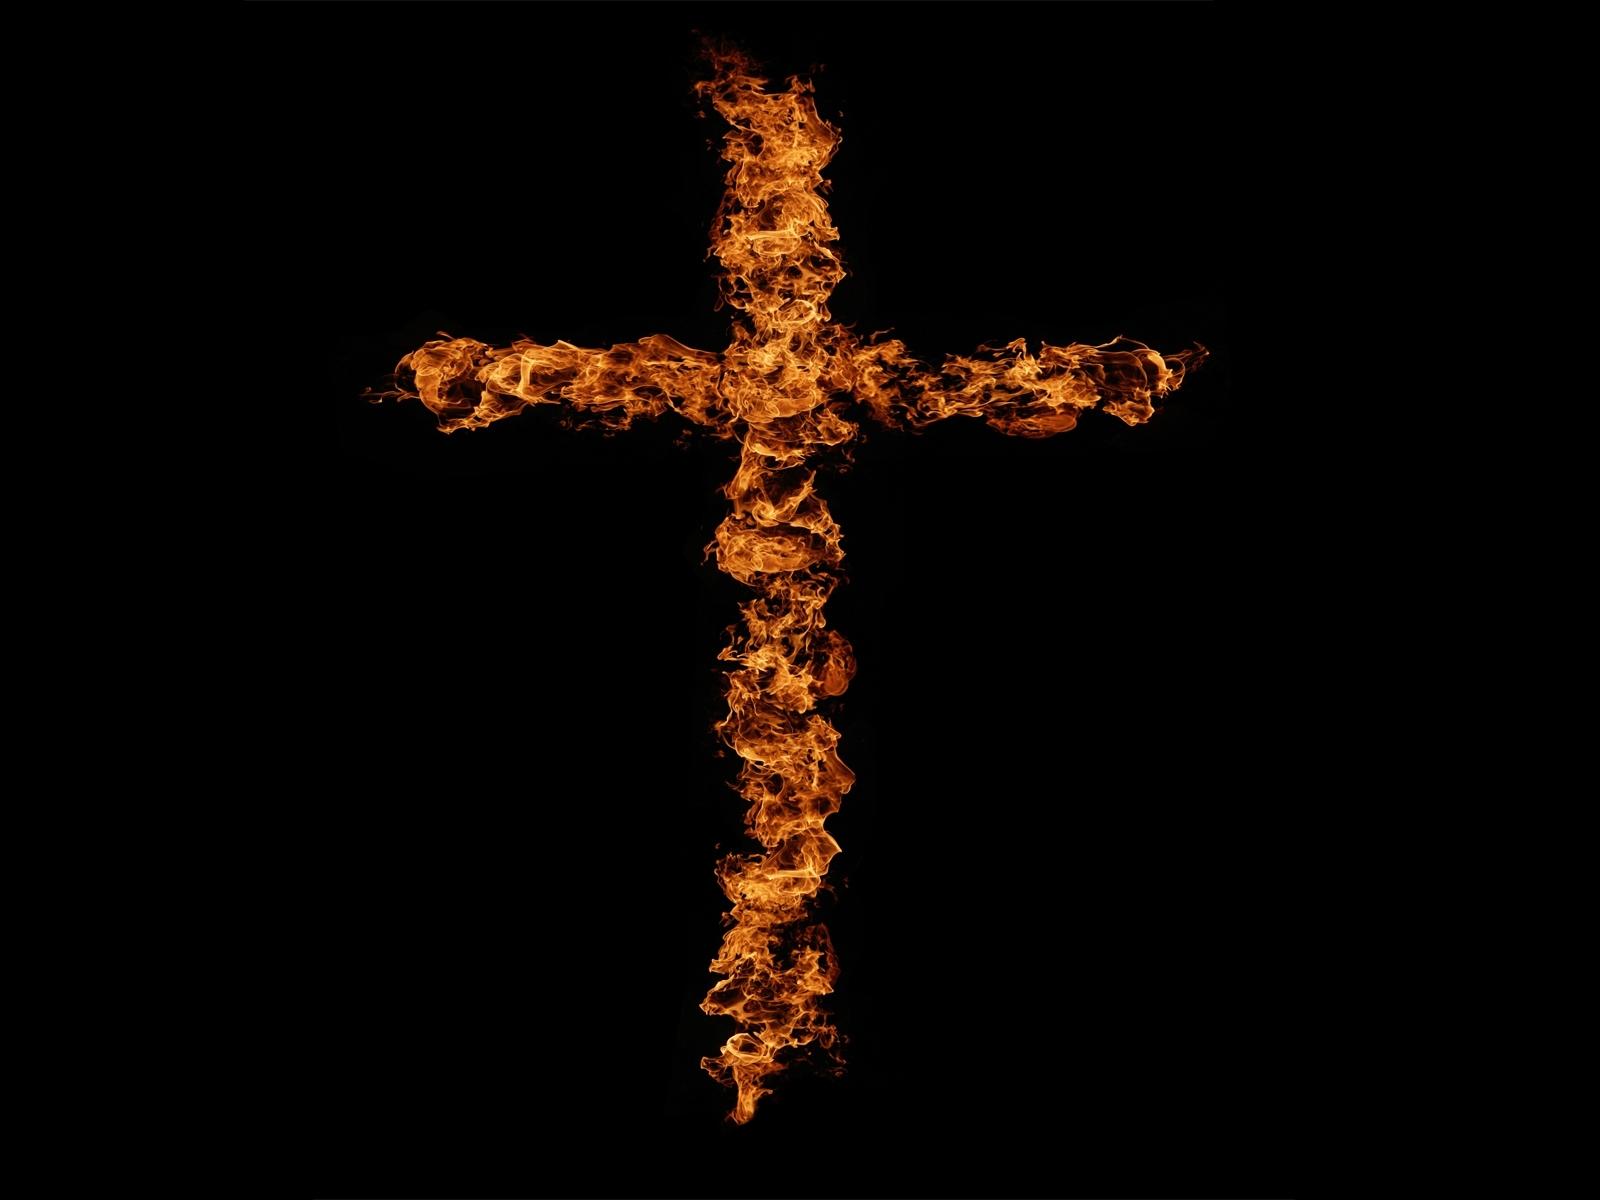 4966 скачать обои Кресты, Фон, Огонь - заставки и картинки бесплатно